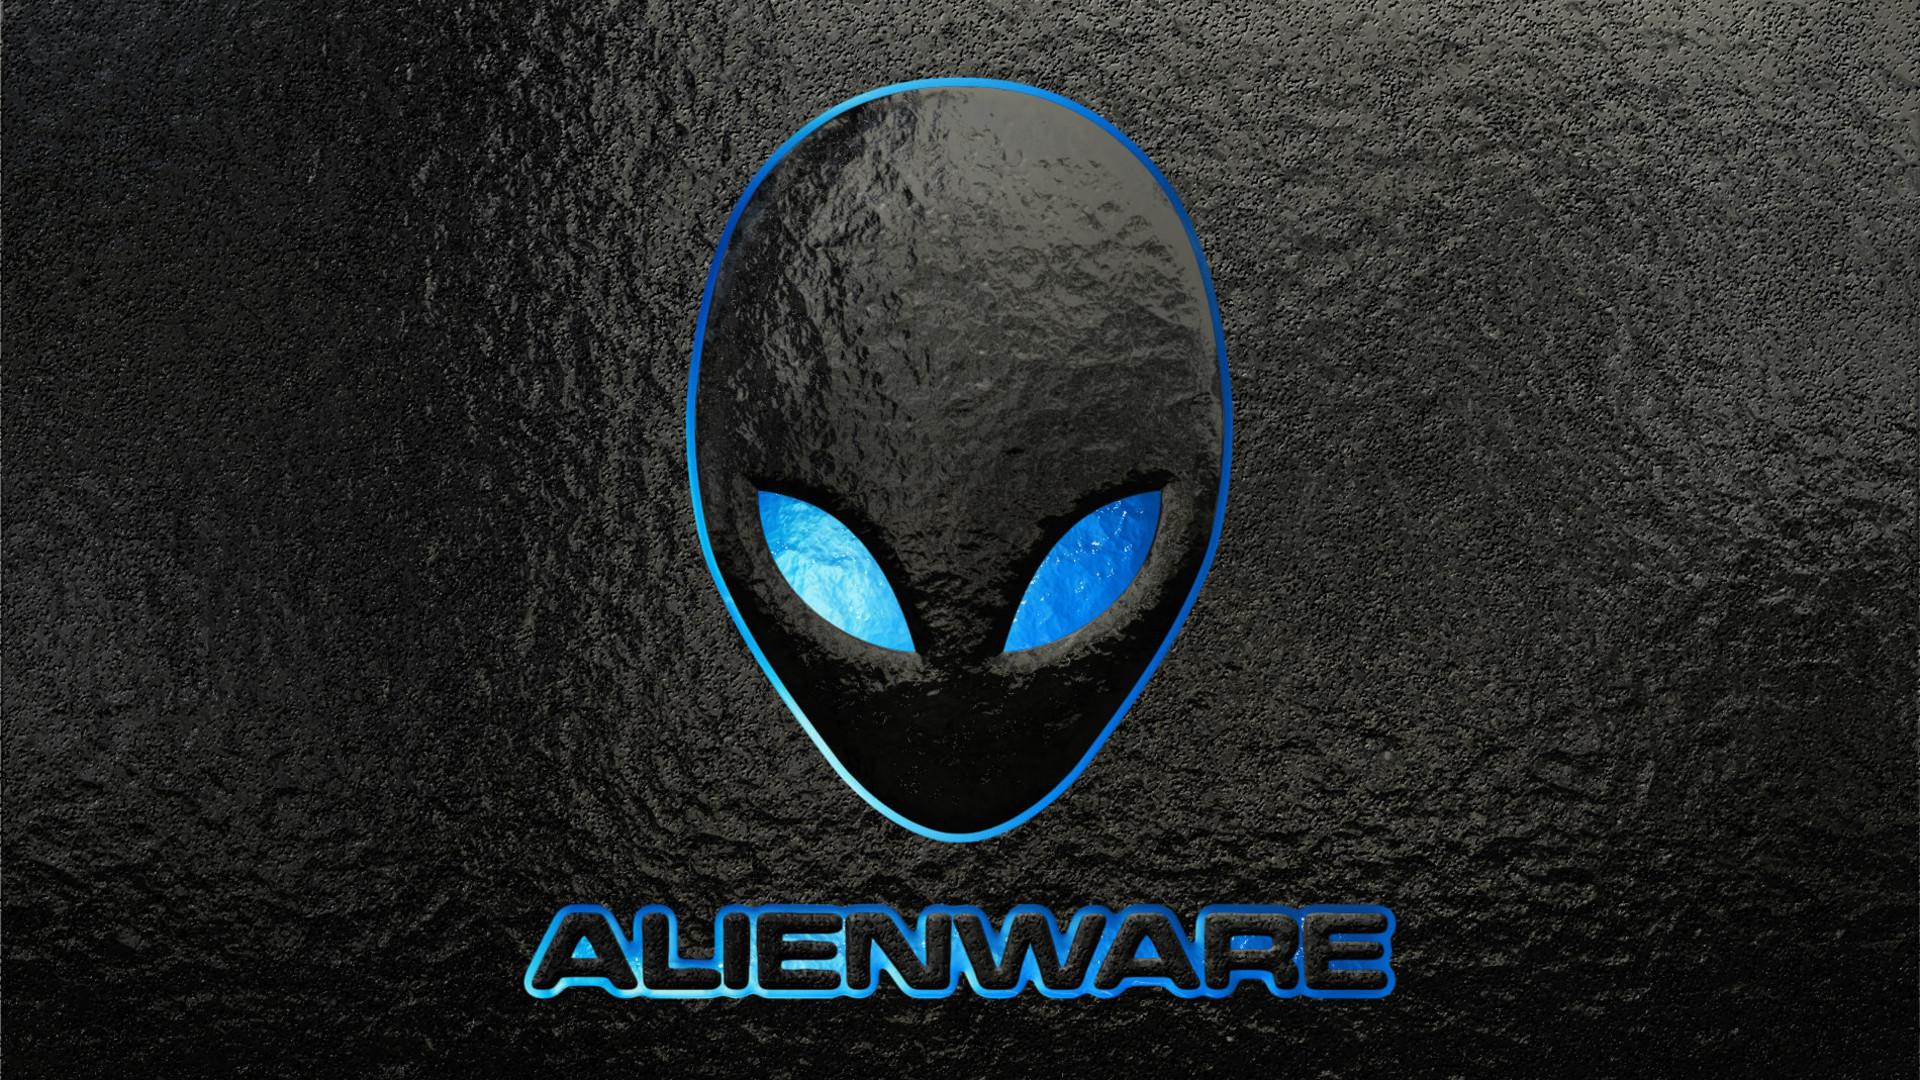 4k Alienware Wallpaper 72 Images